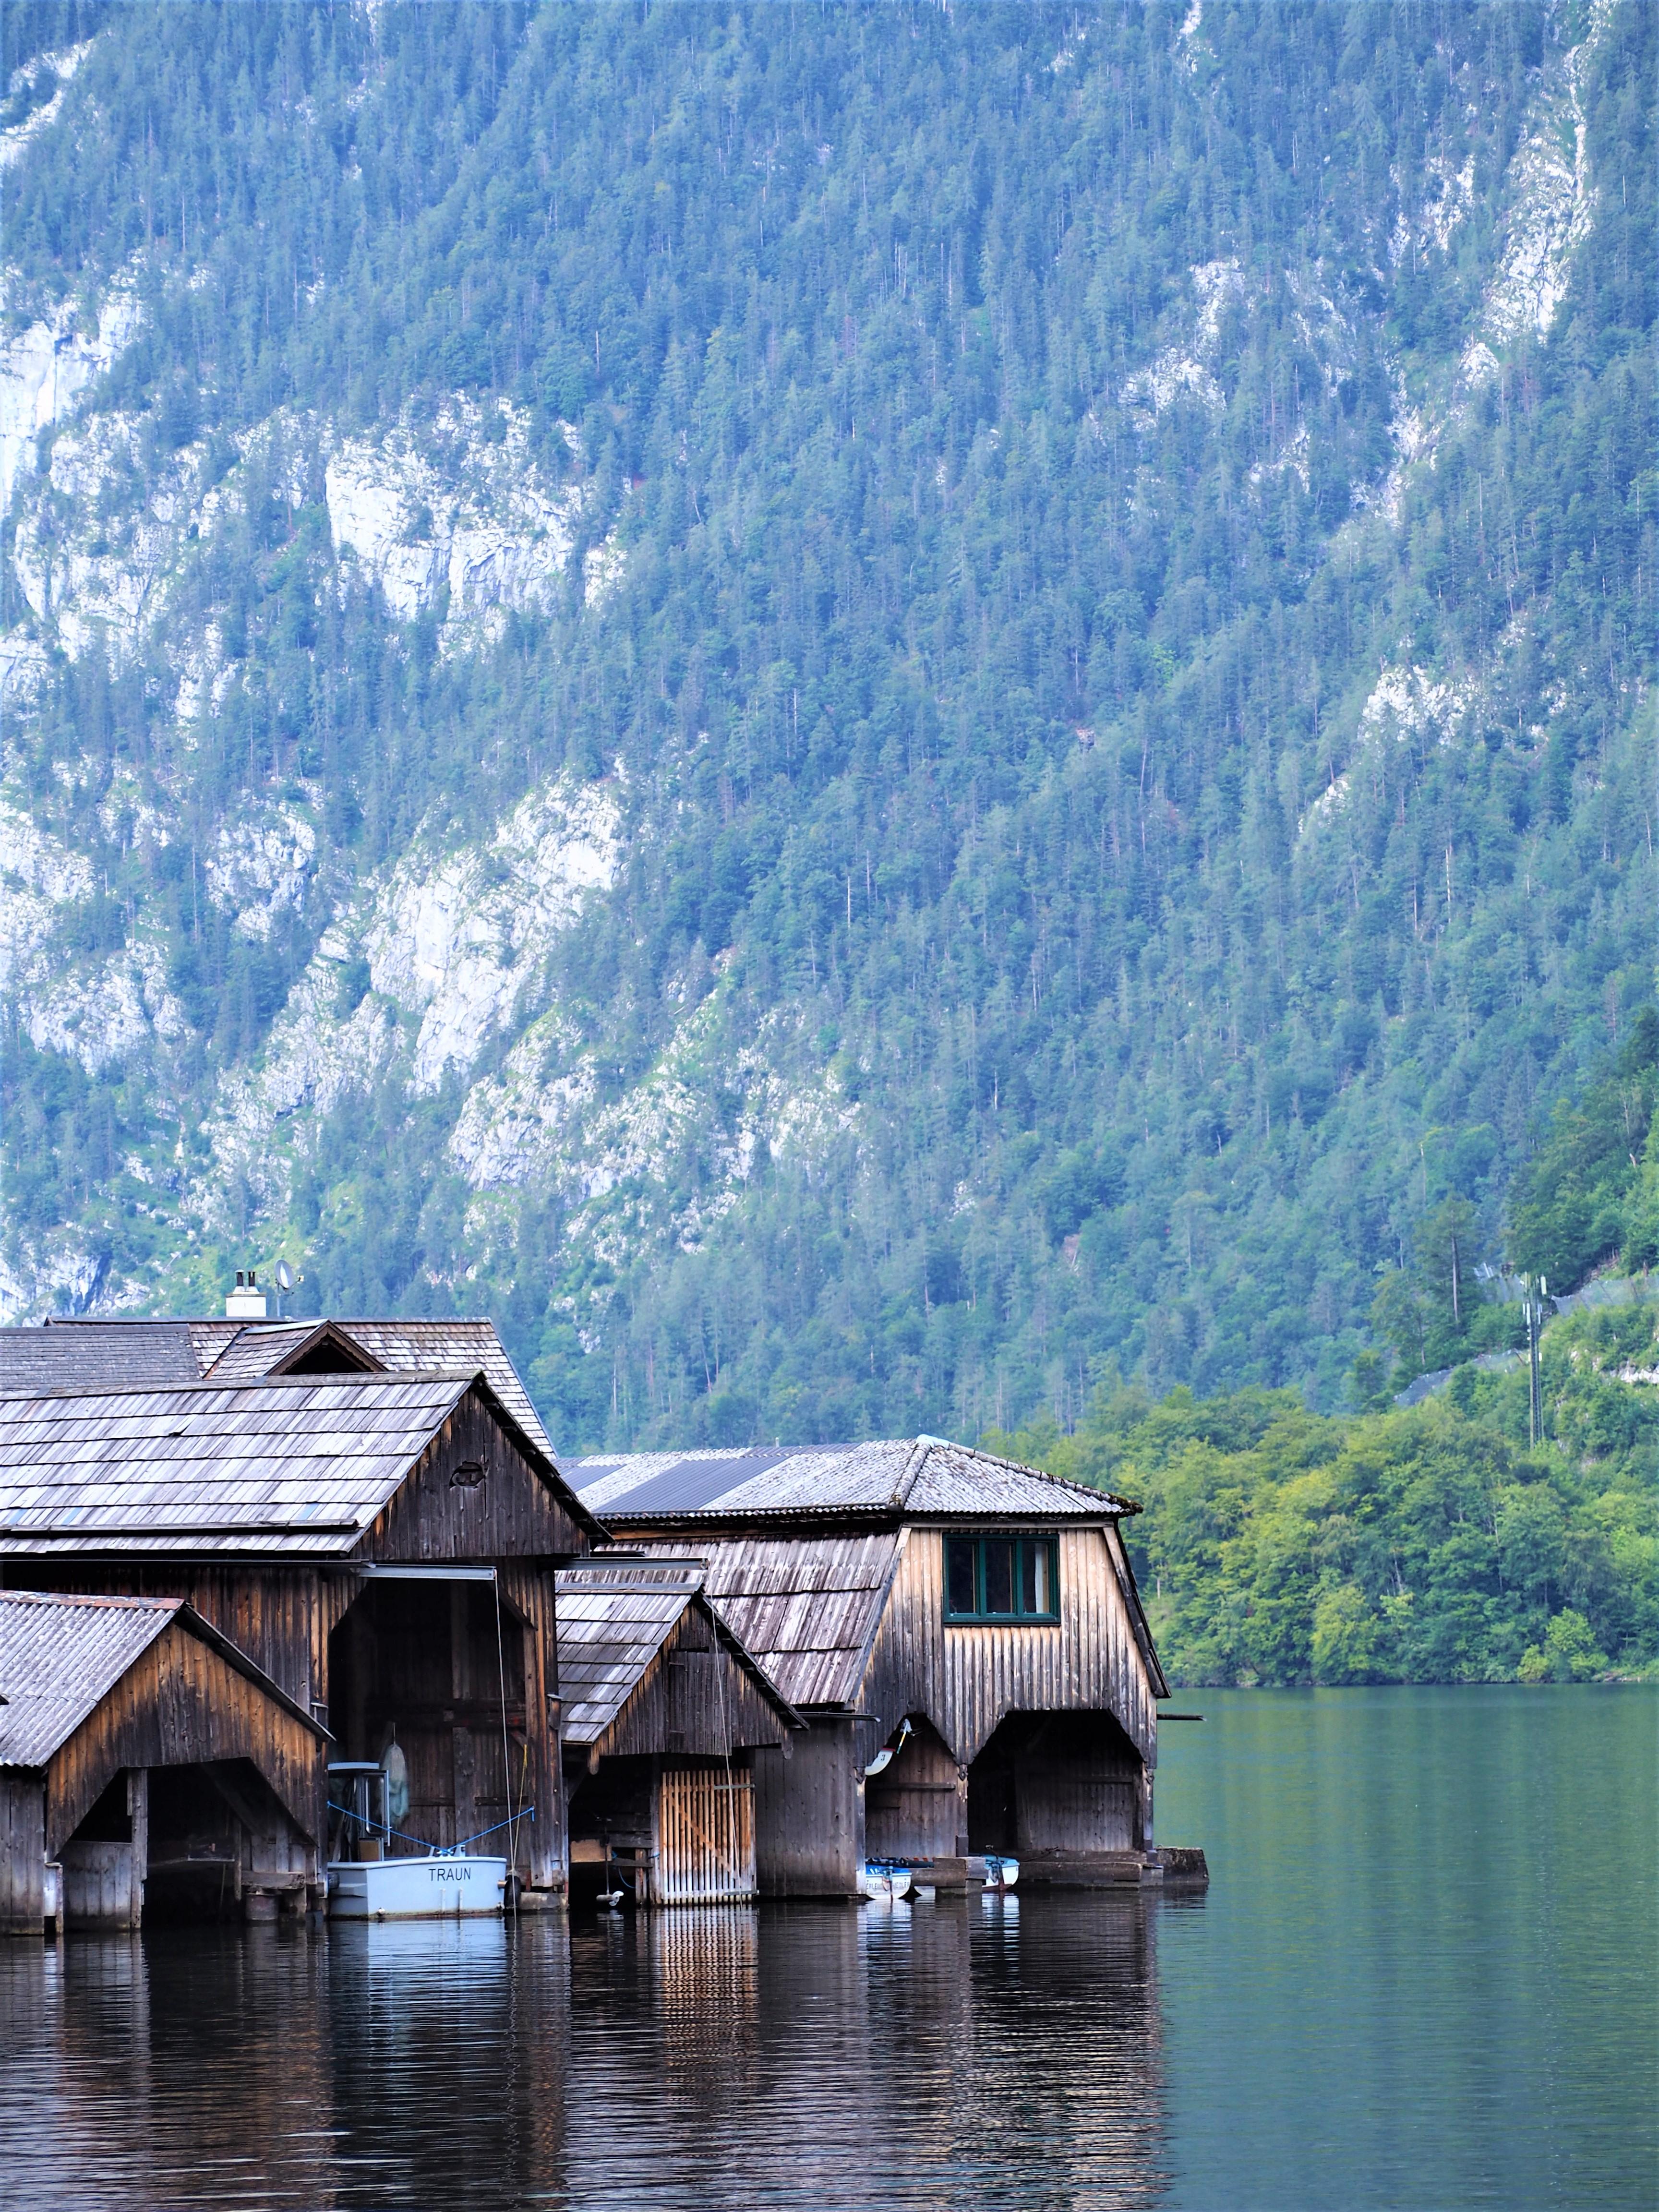 Hallstatt-autriche-blog-voyage-clioandco.